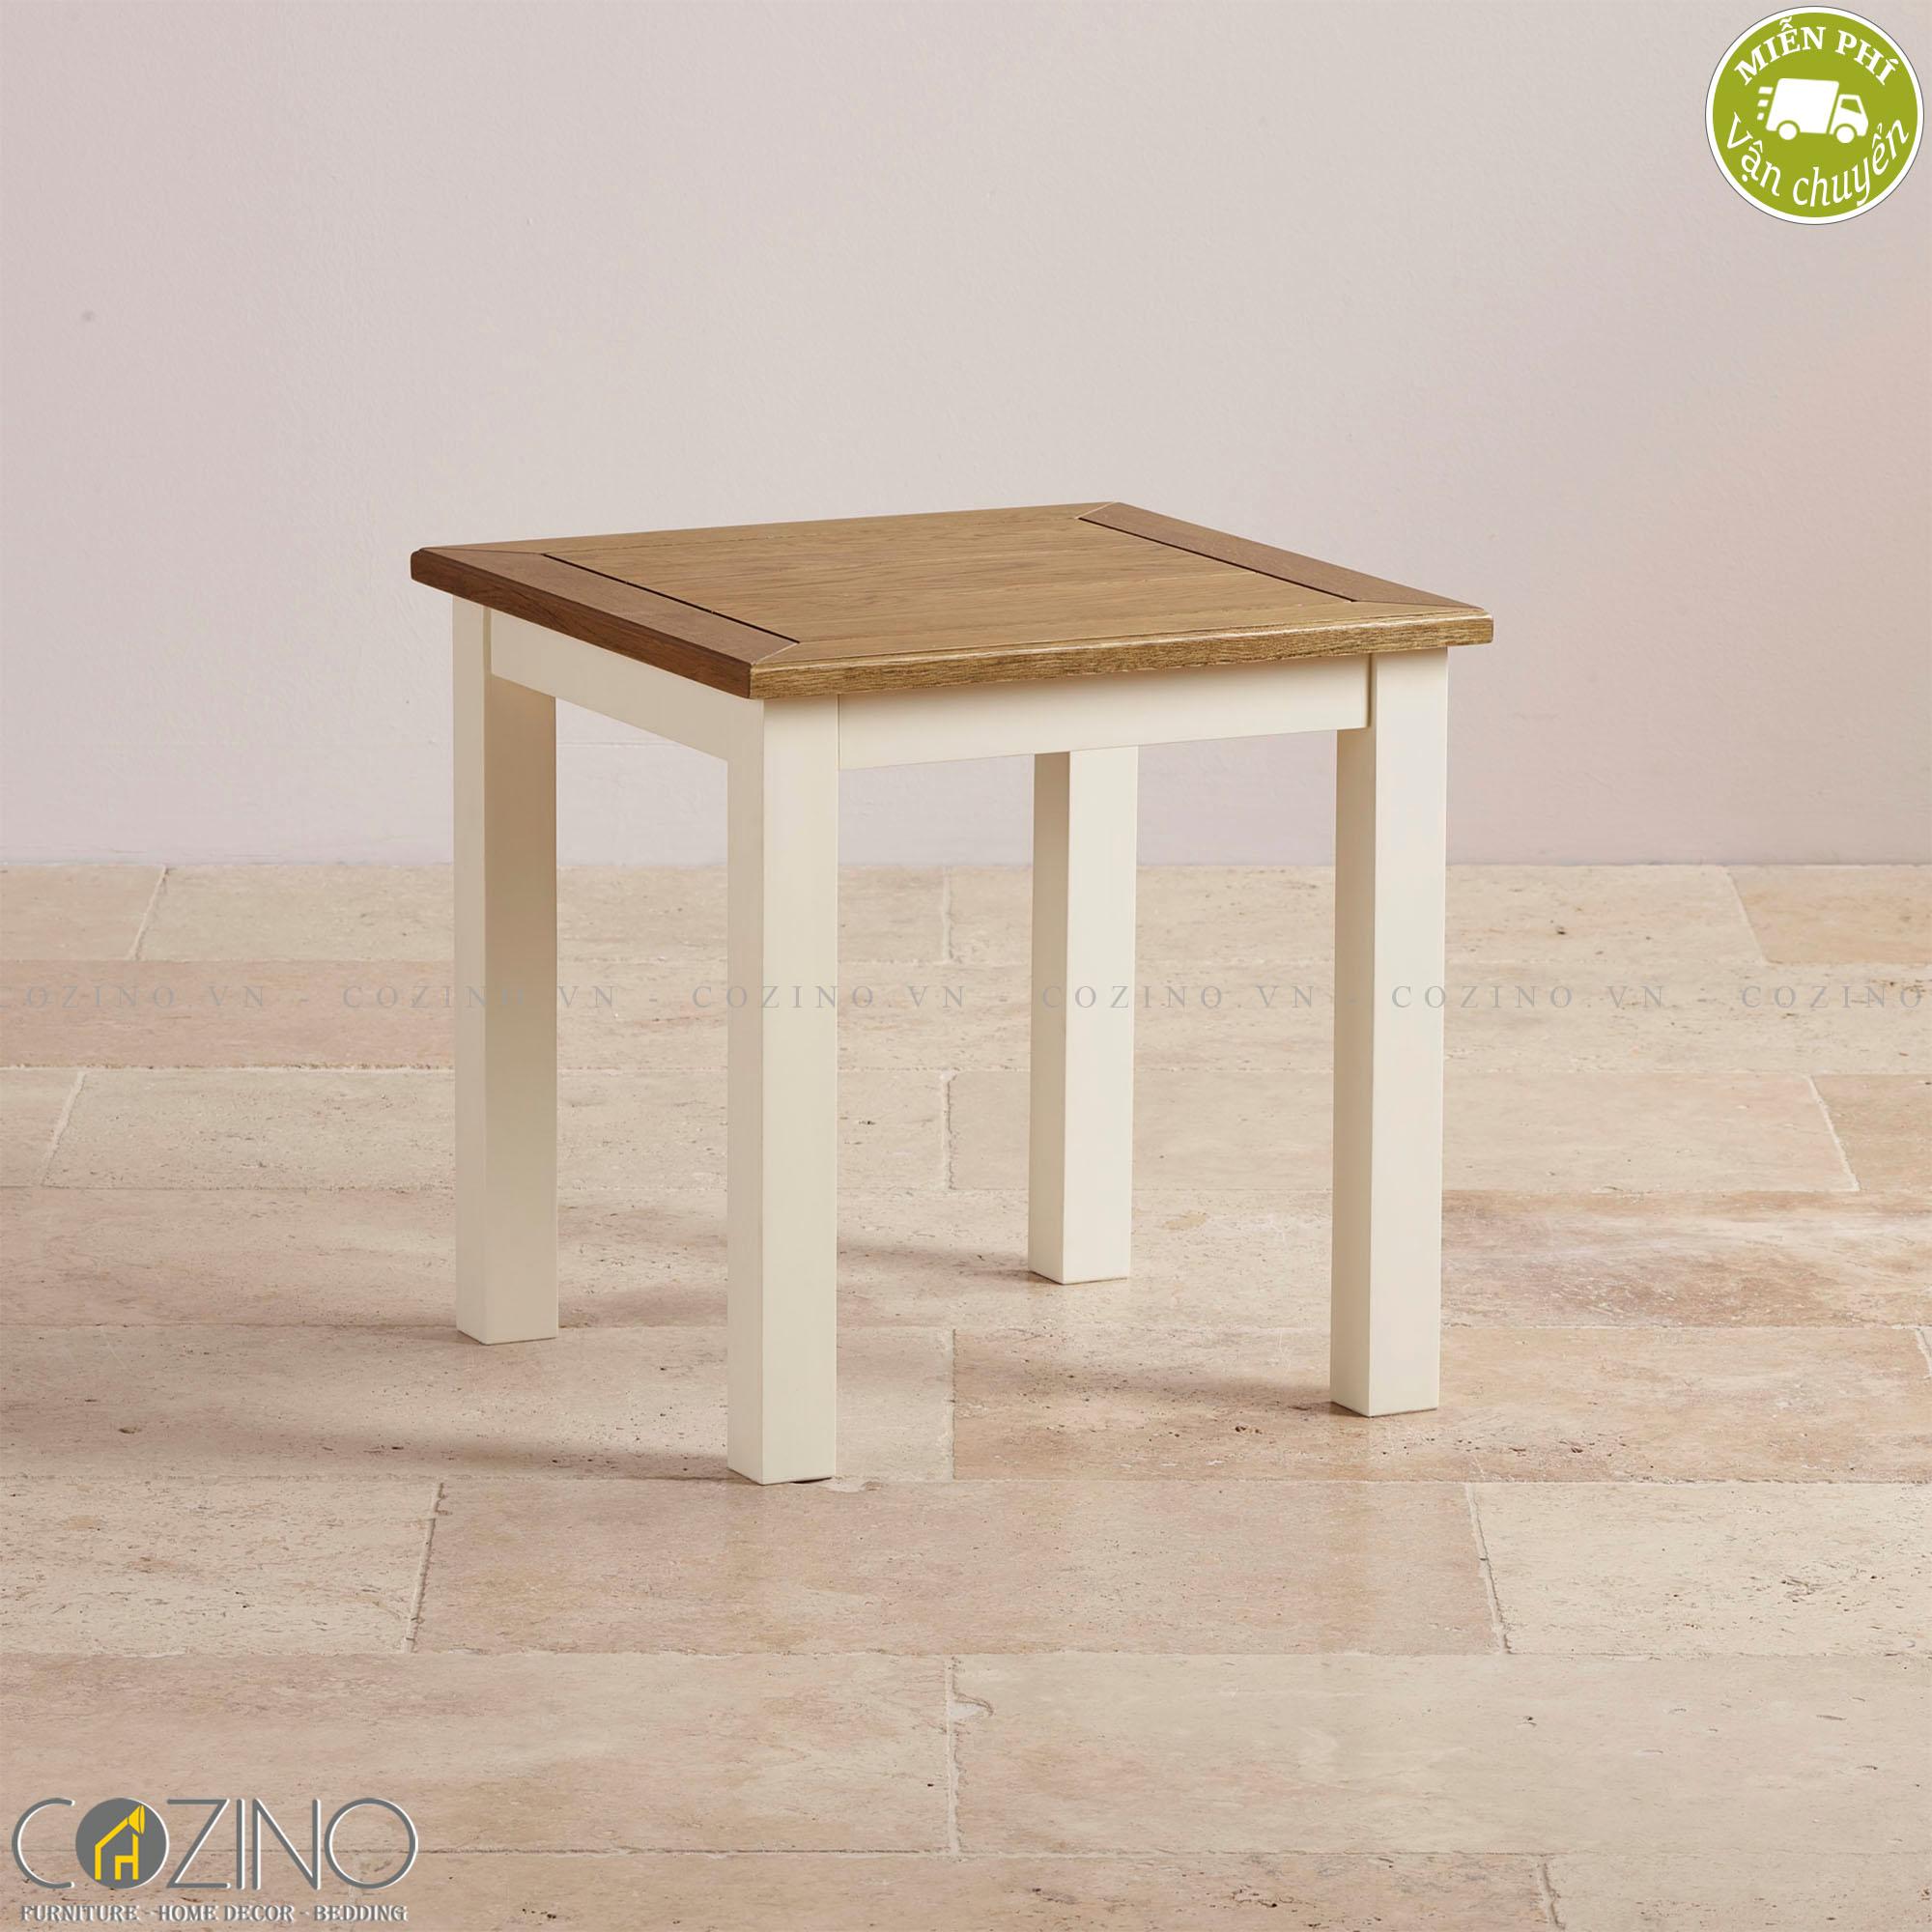 Ghế đôn bàn trang điểm Chillon 100% gỗ sồi - Cozino